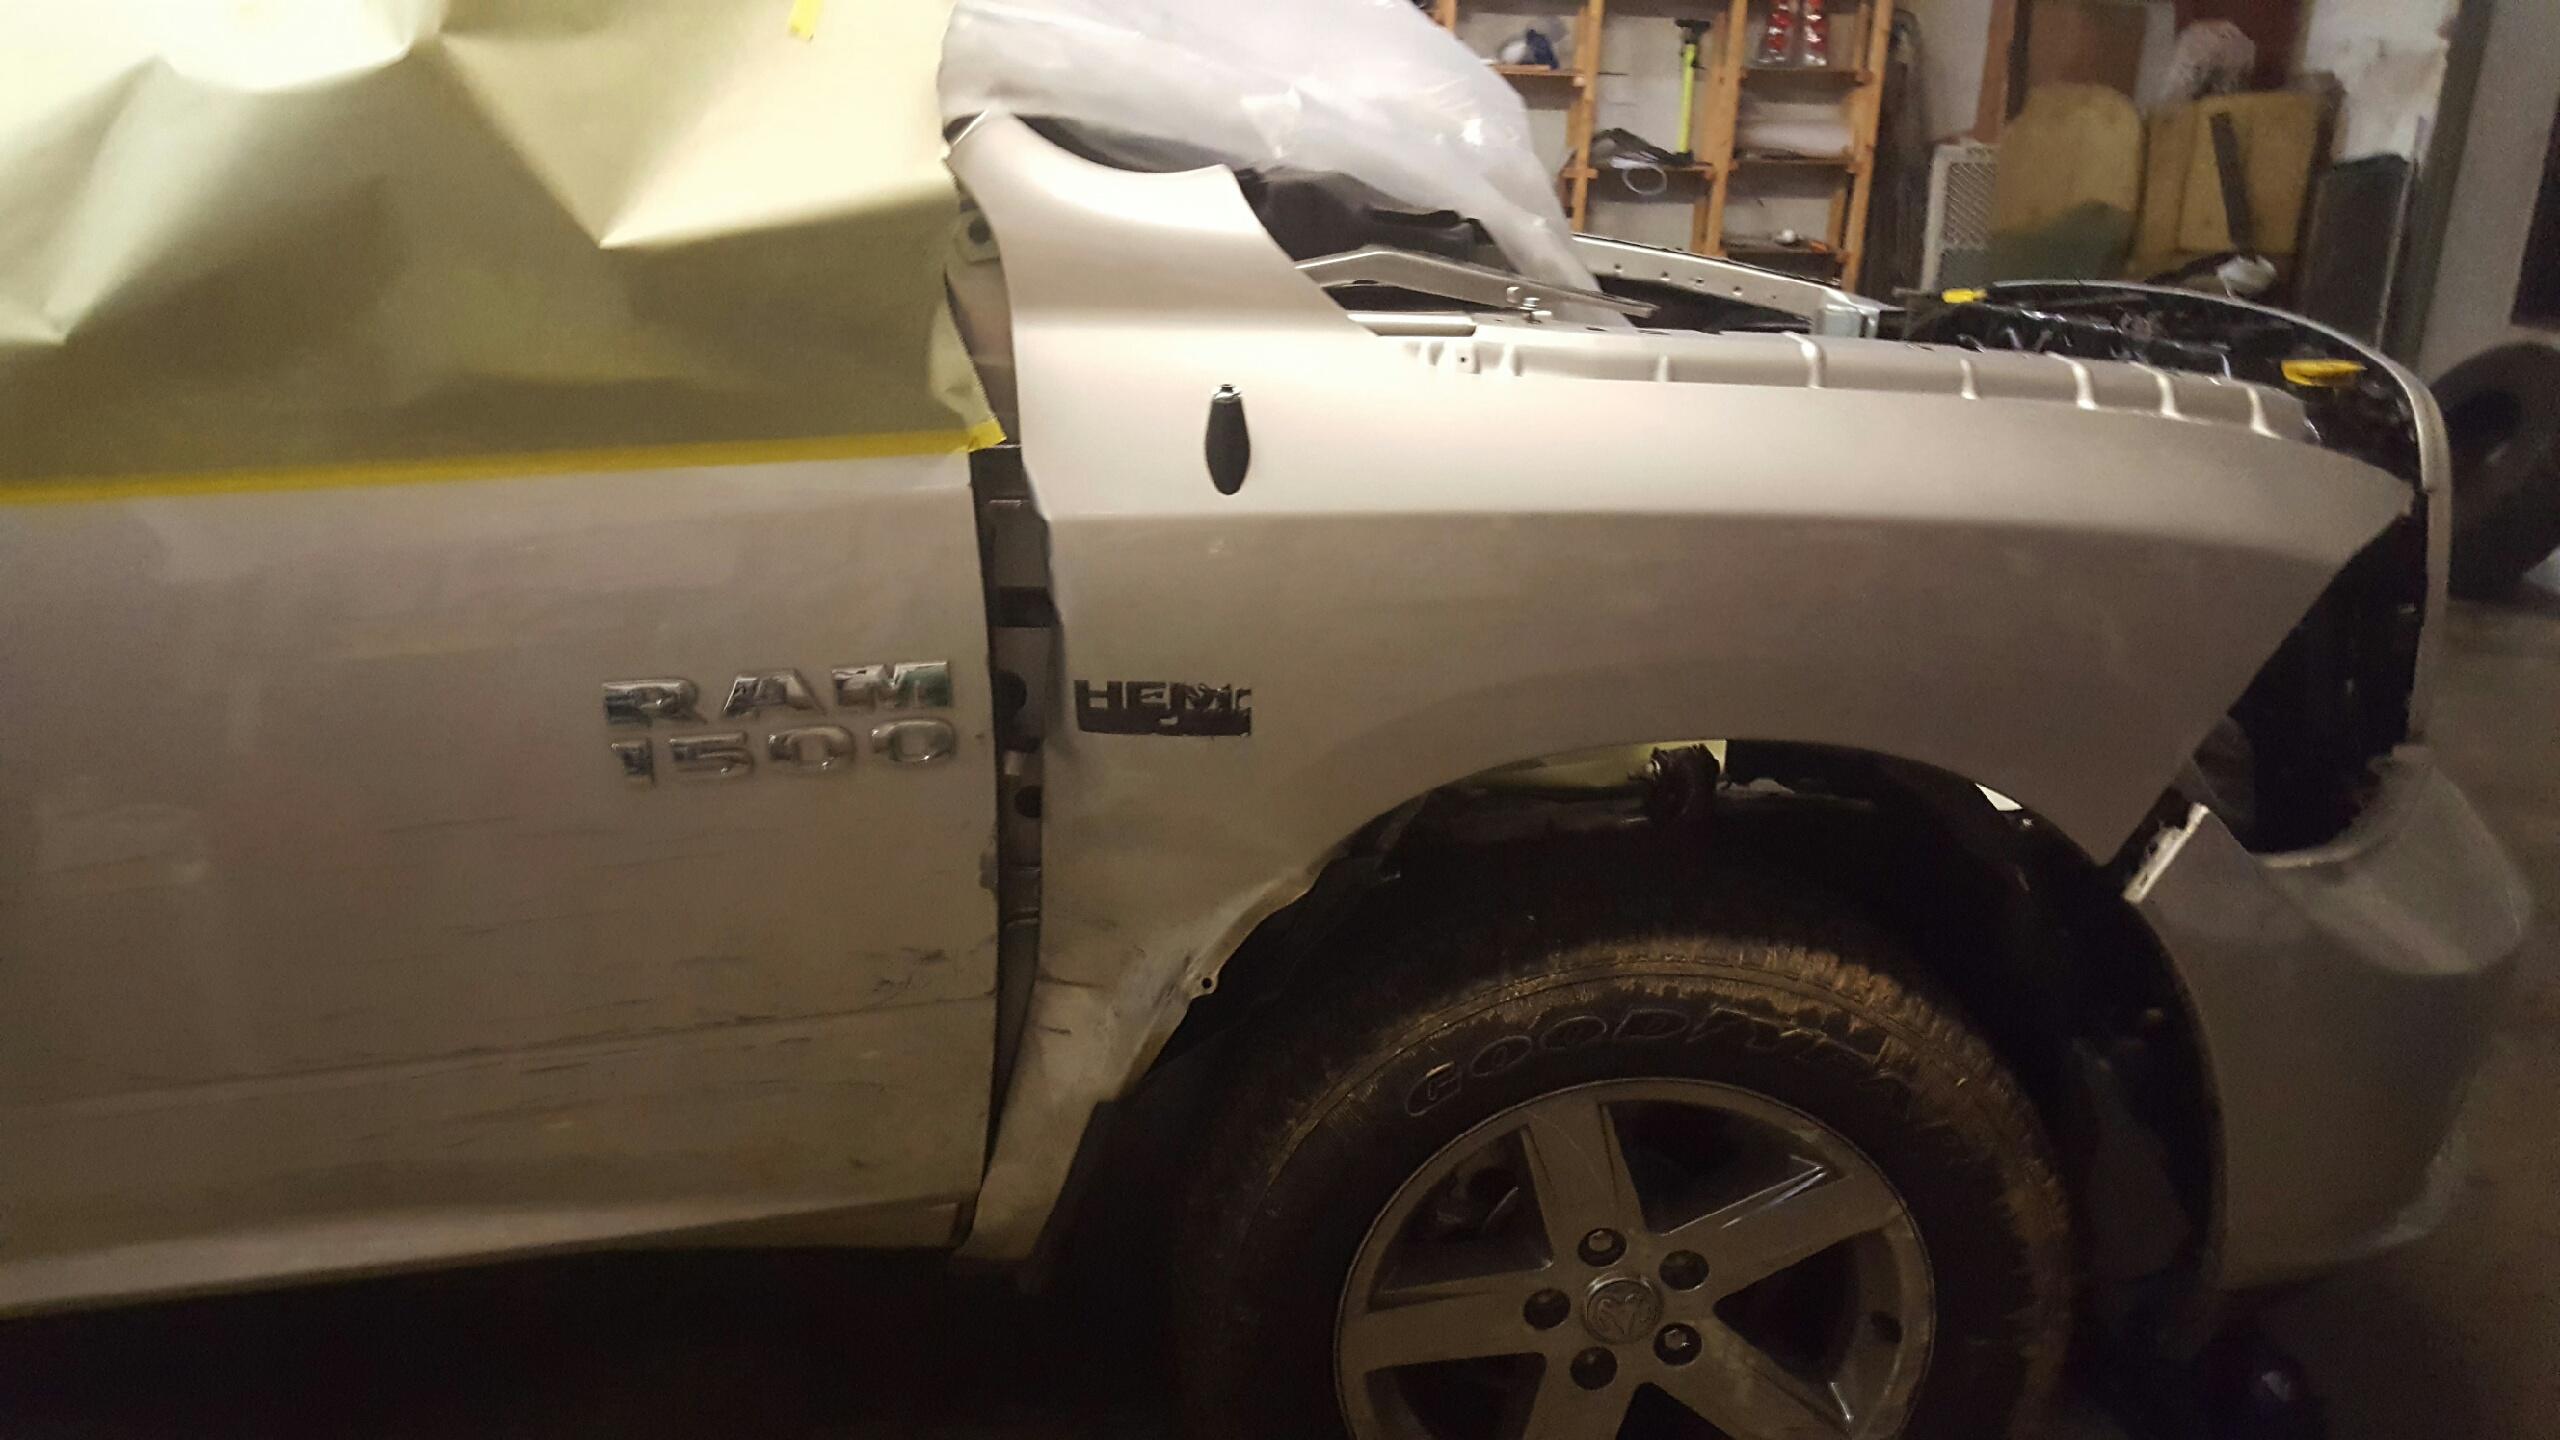 Stolen Truck (Image: Huntsville Police Department)